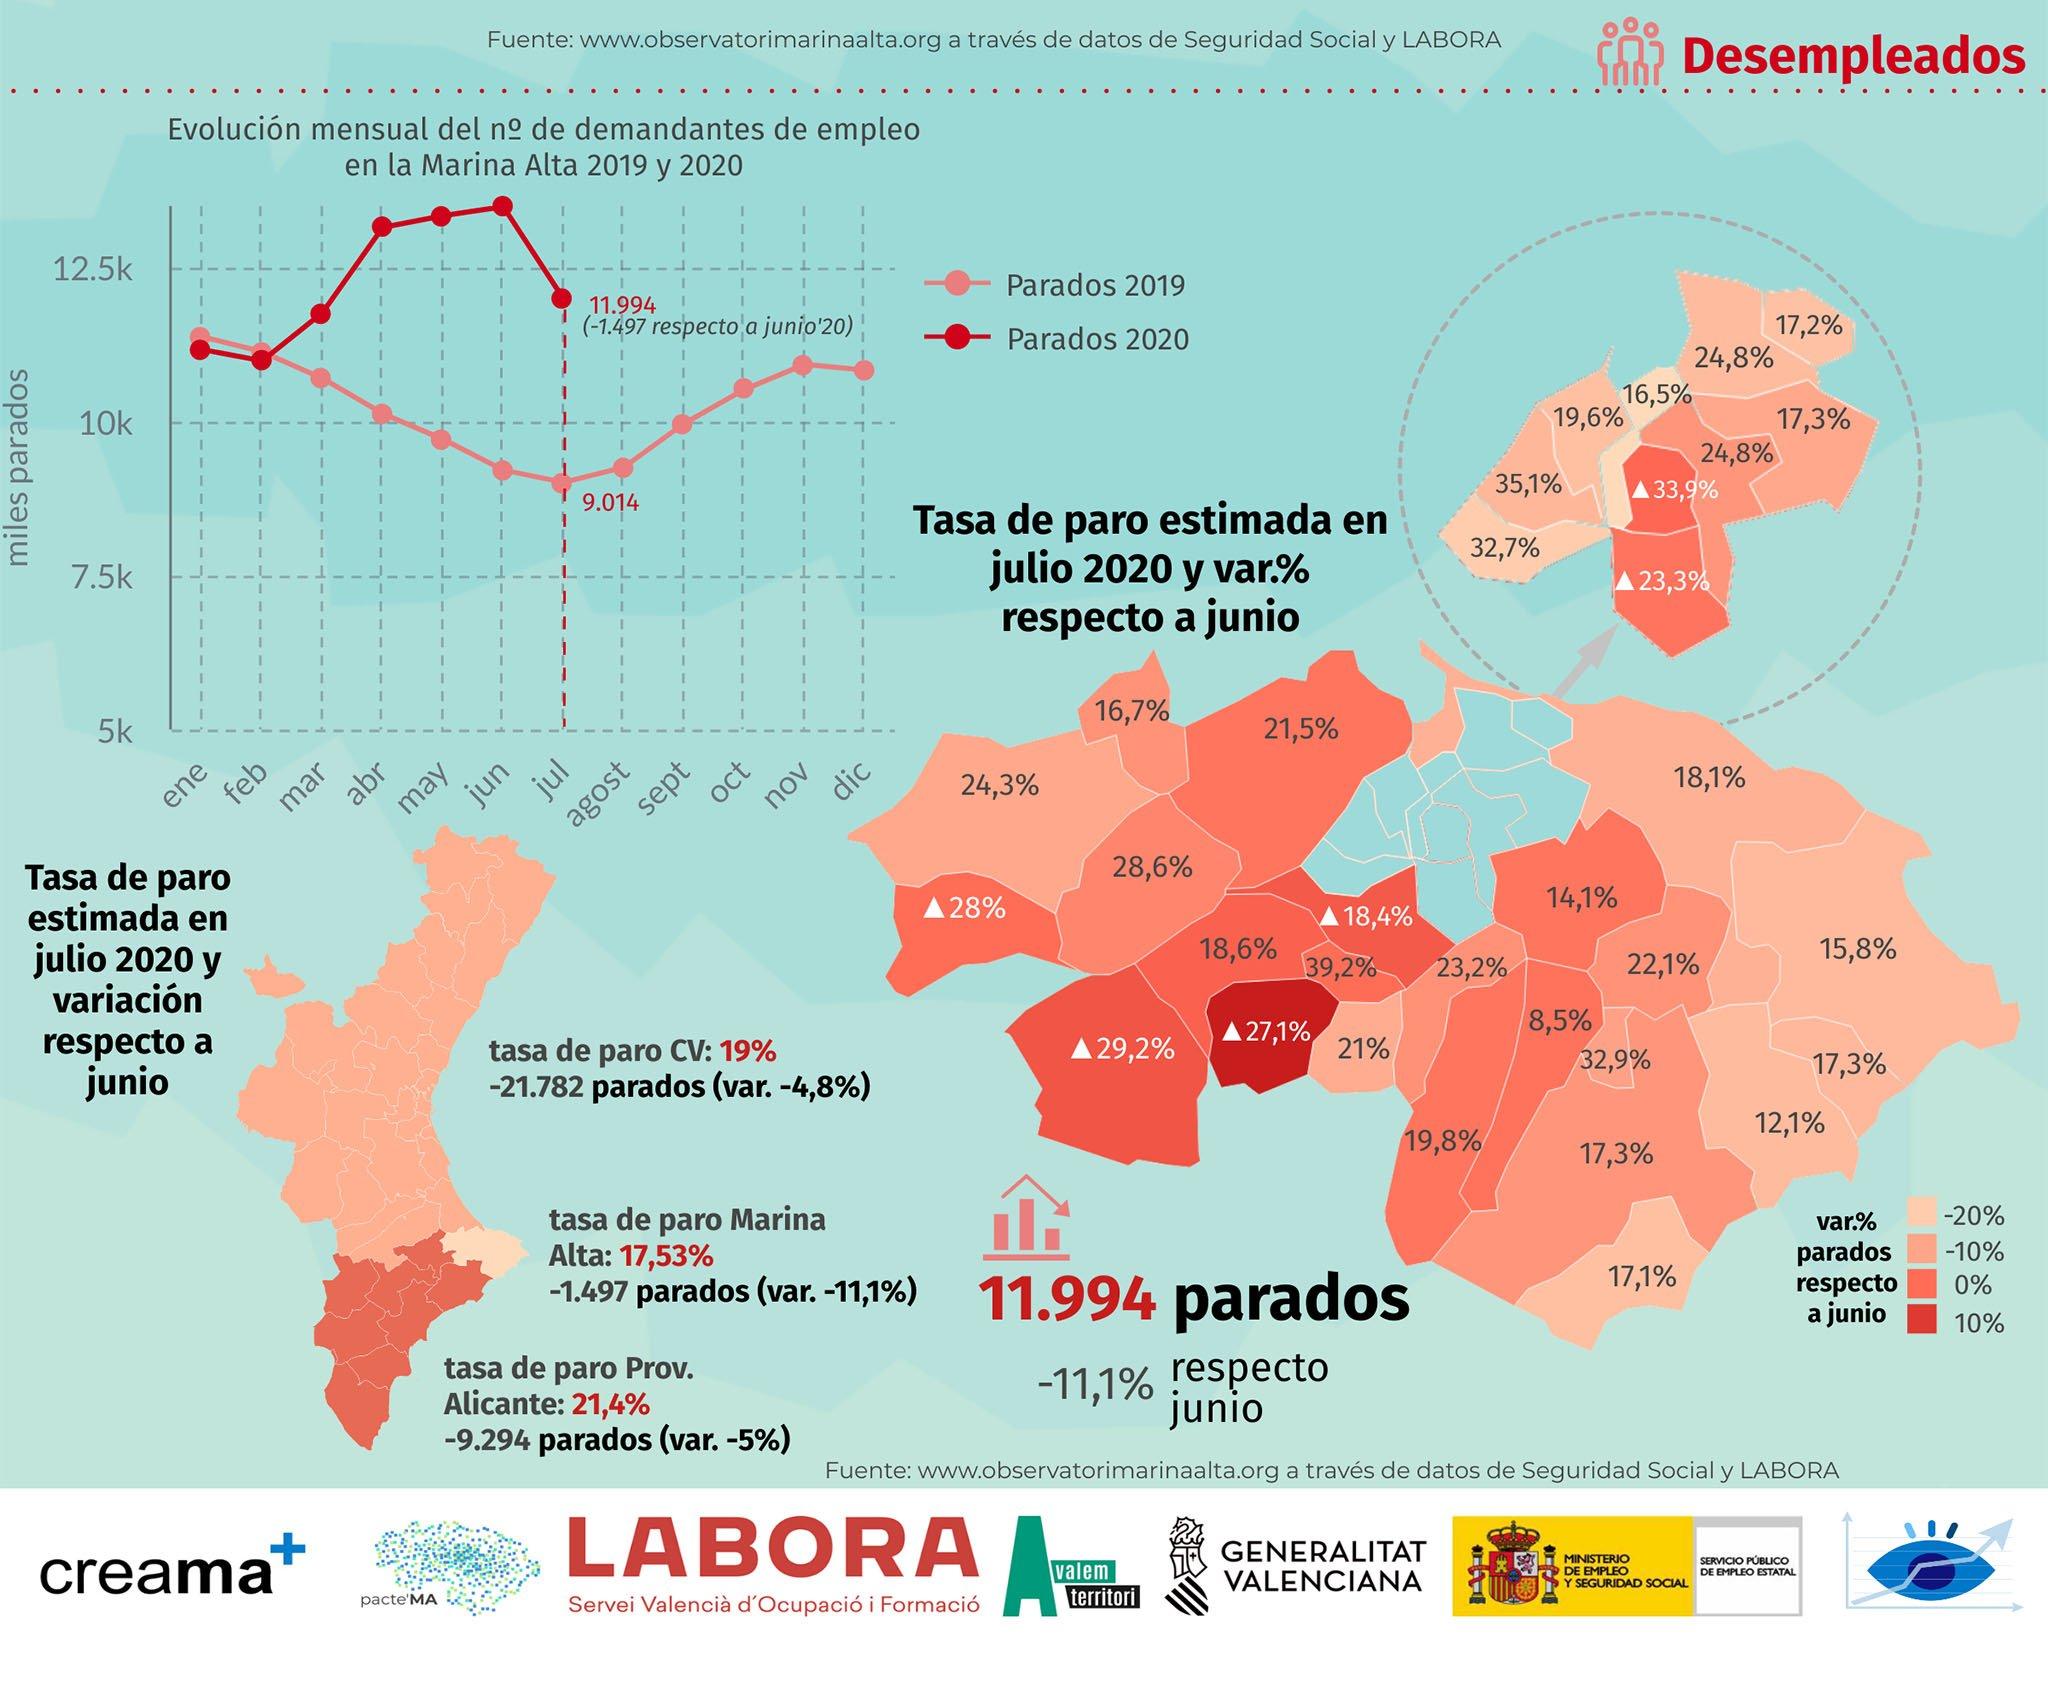 Variación de la tasa de paro respecto a junio